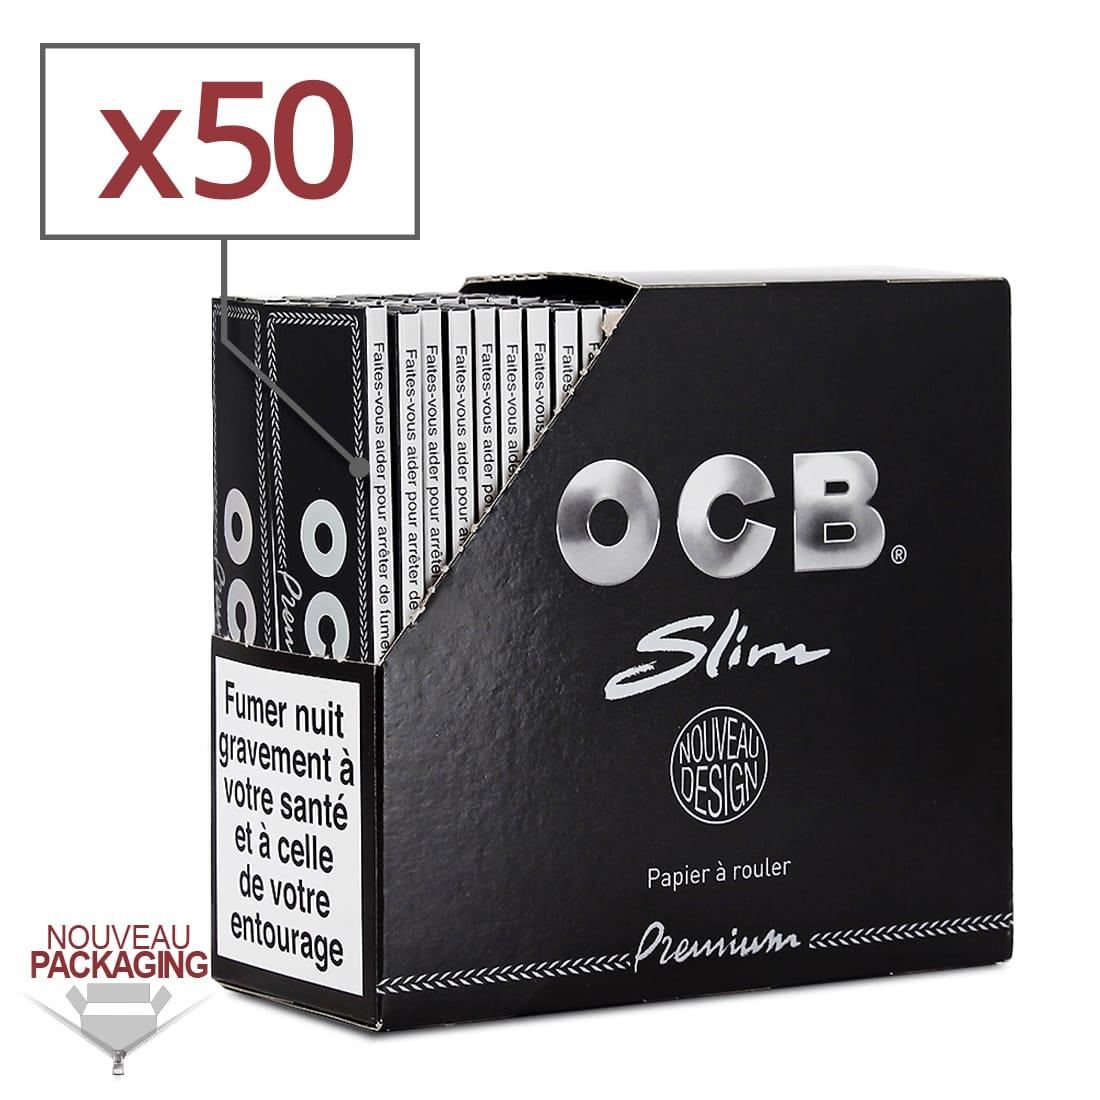 Photo de Papier à rouler OCB Slim Premium x50